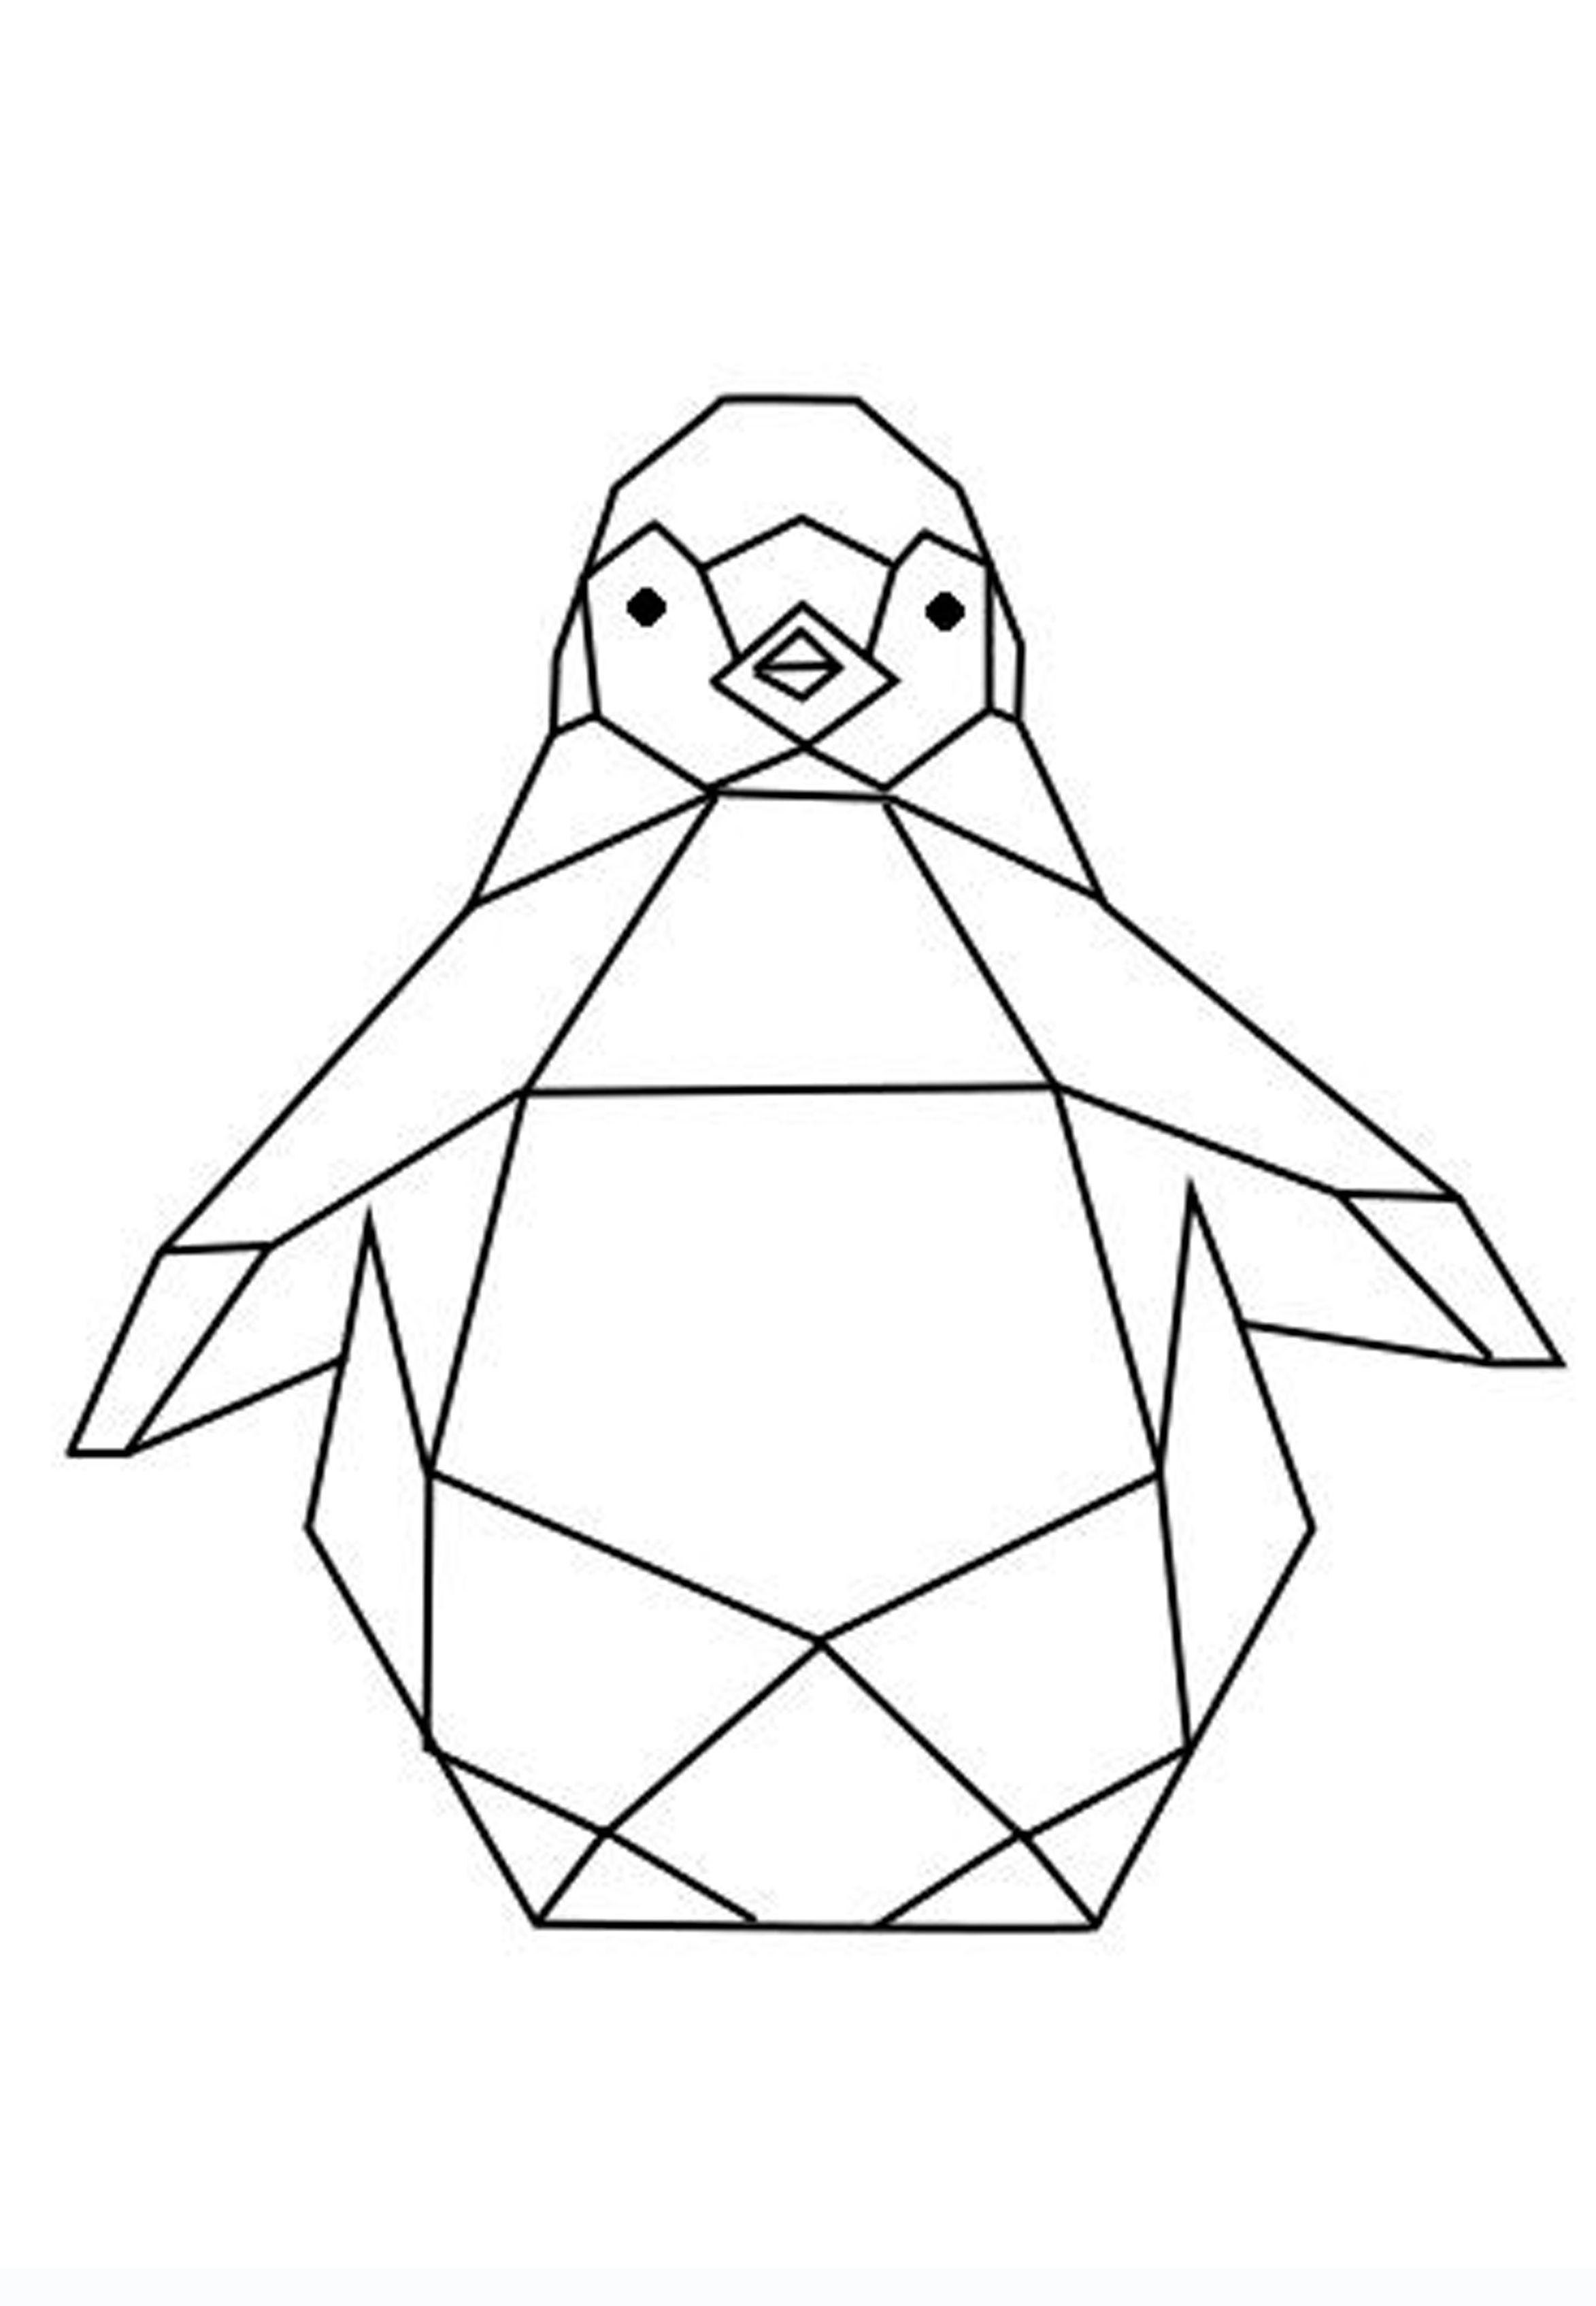 Resultat De Recherche D Images Pour Geometric Animal